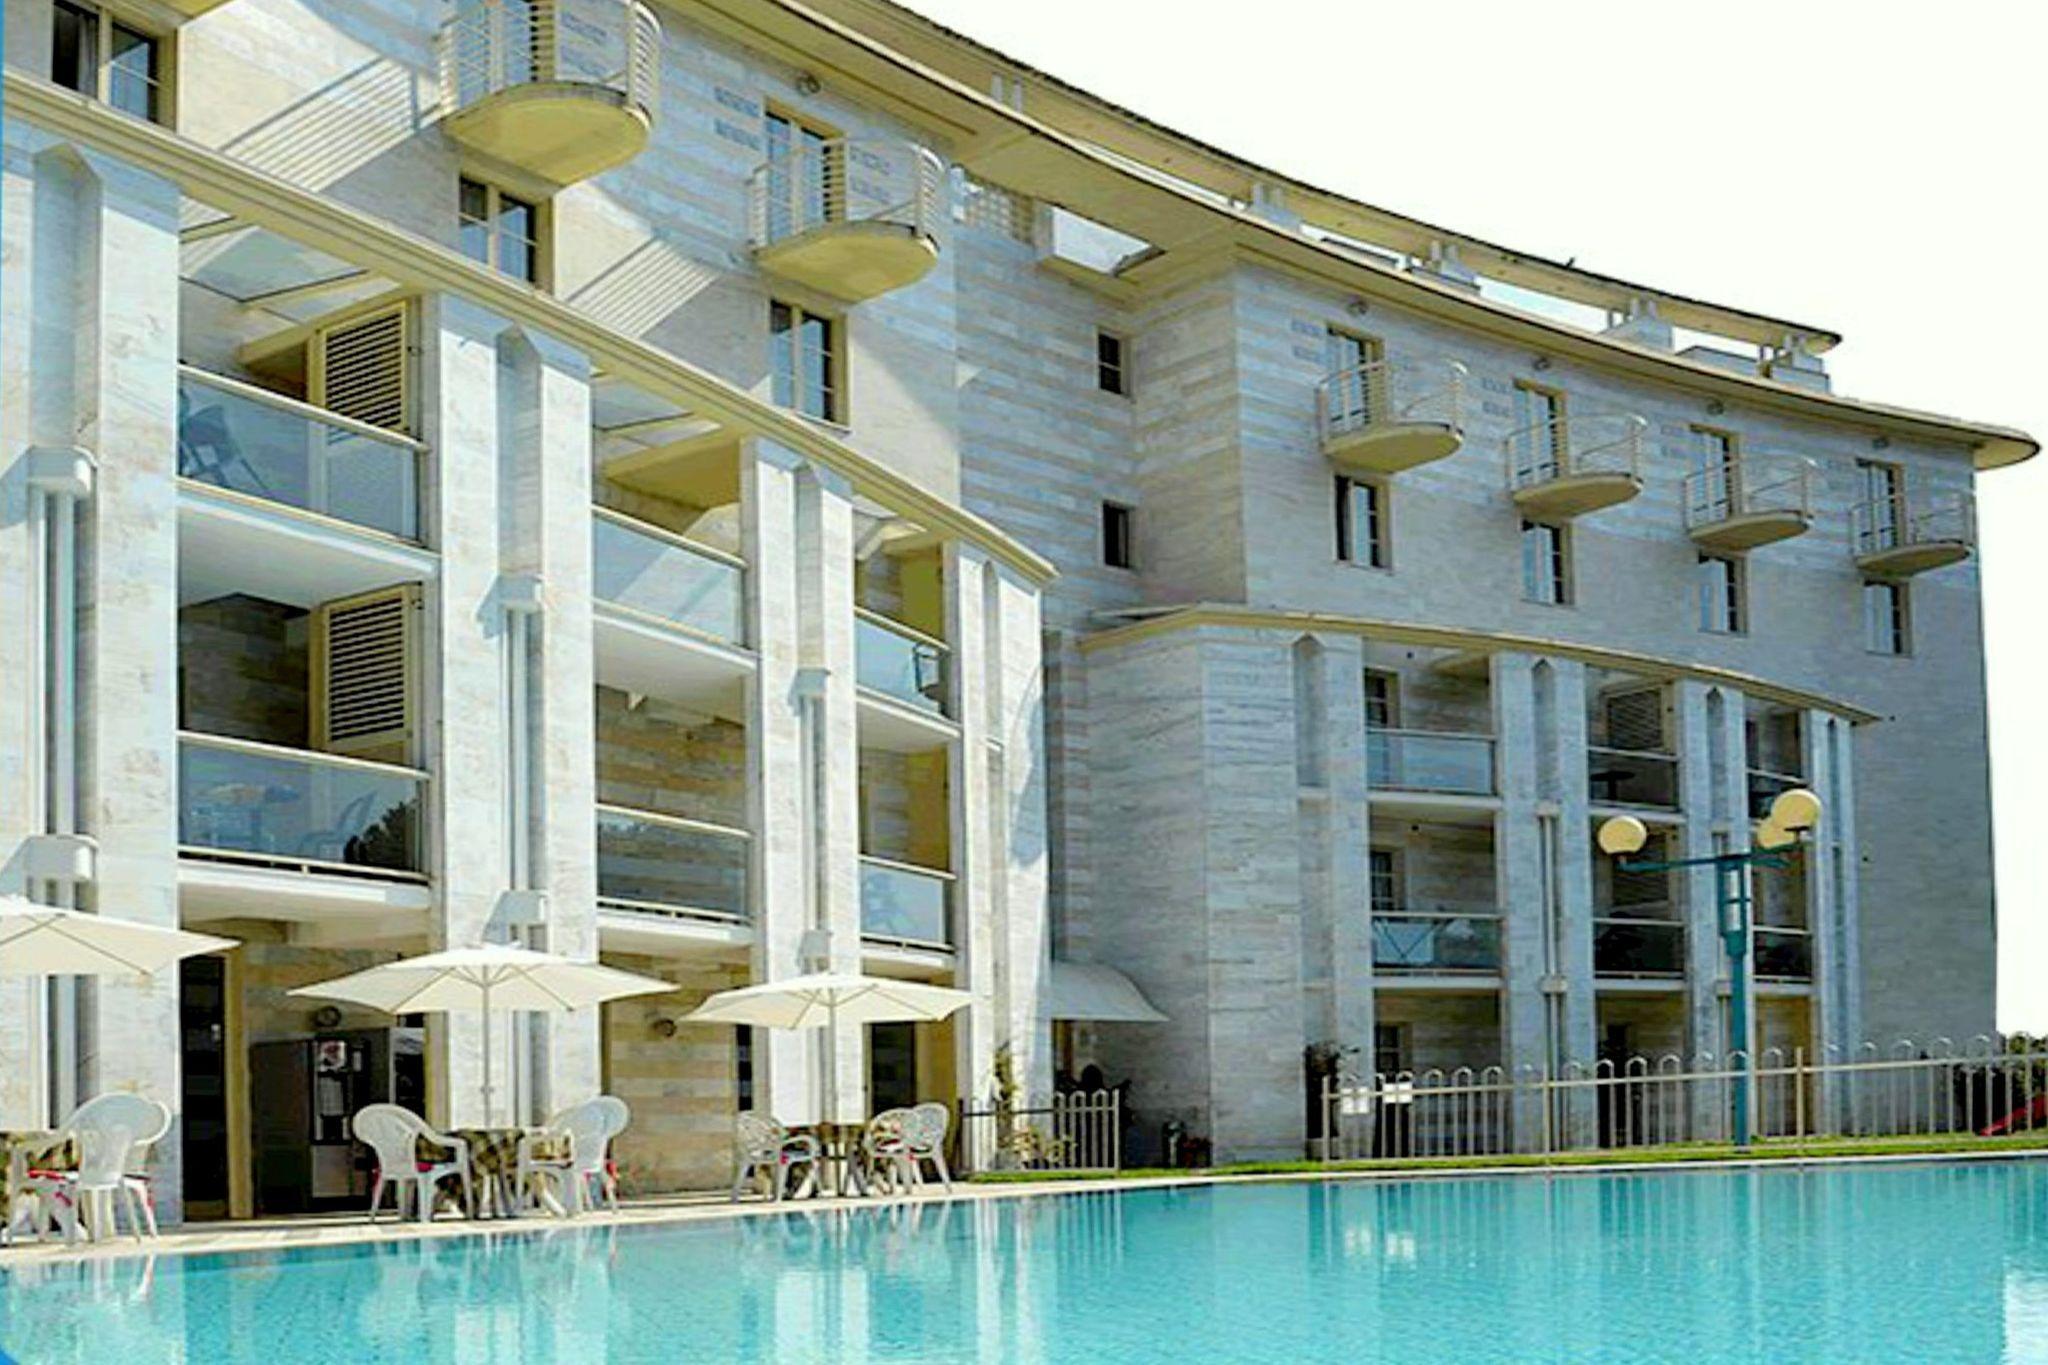 Appartamento per 4 ospiti a Marina di pietrasanta